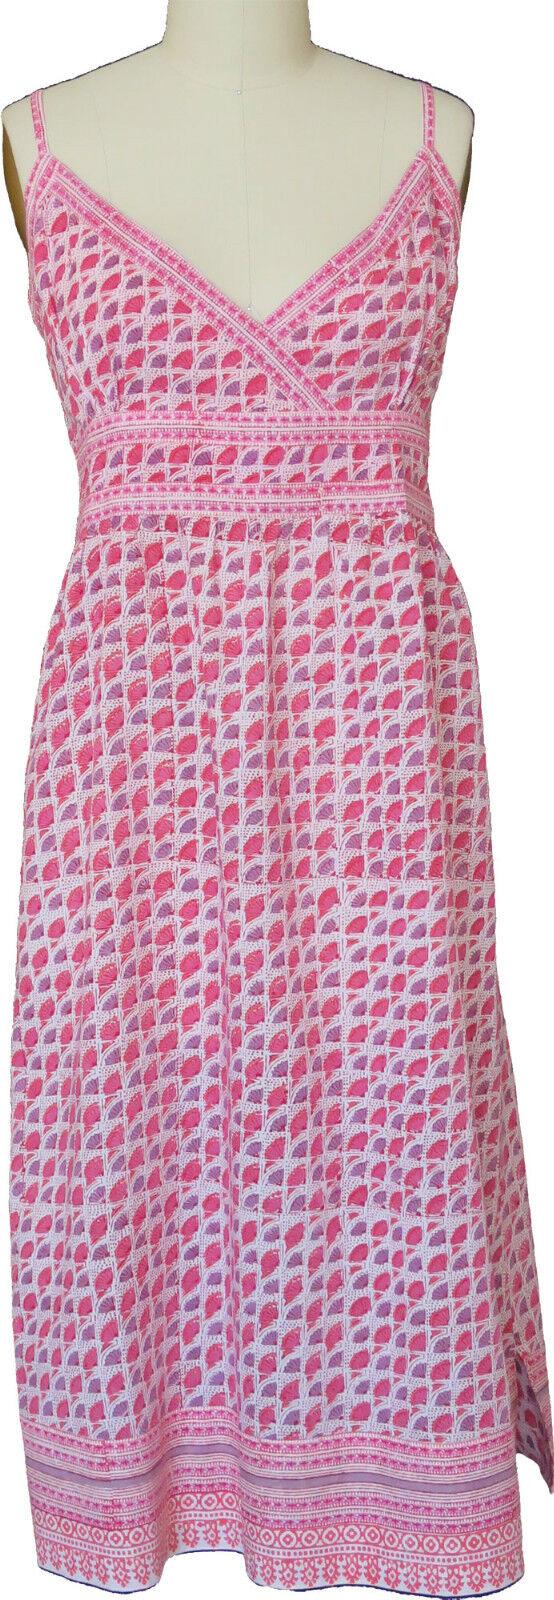 Anokhi rosa & Lavanda Vestito Sagomato in un Stampa - - - Orlo Profilo - 100% Cotton 258e4f